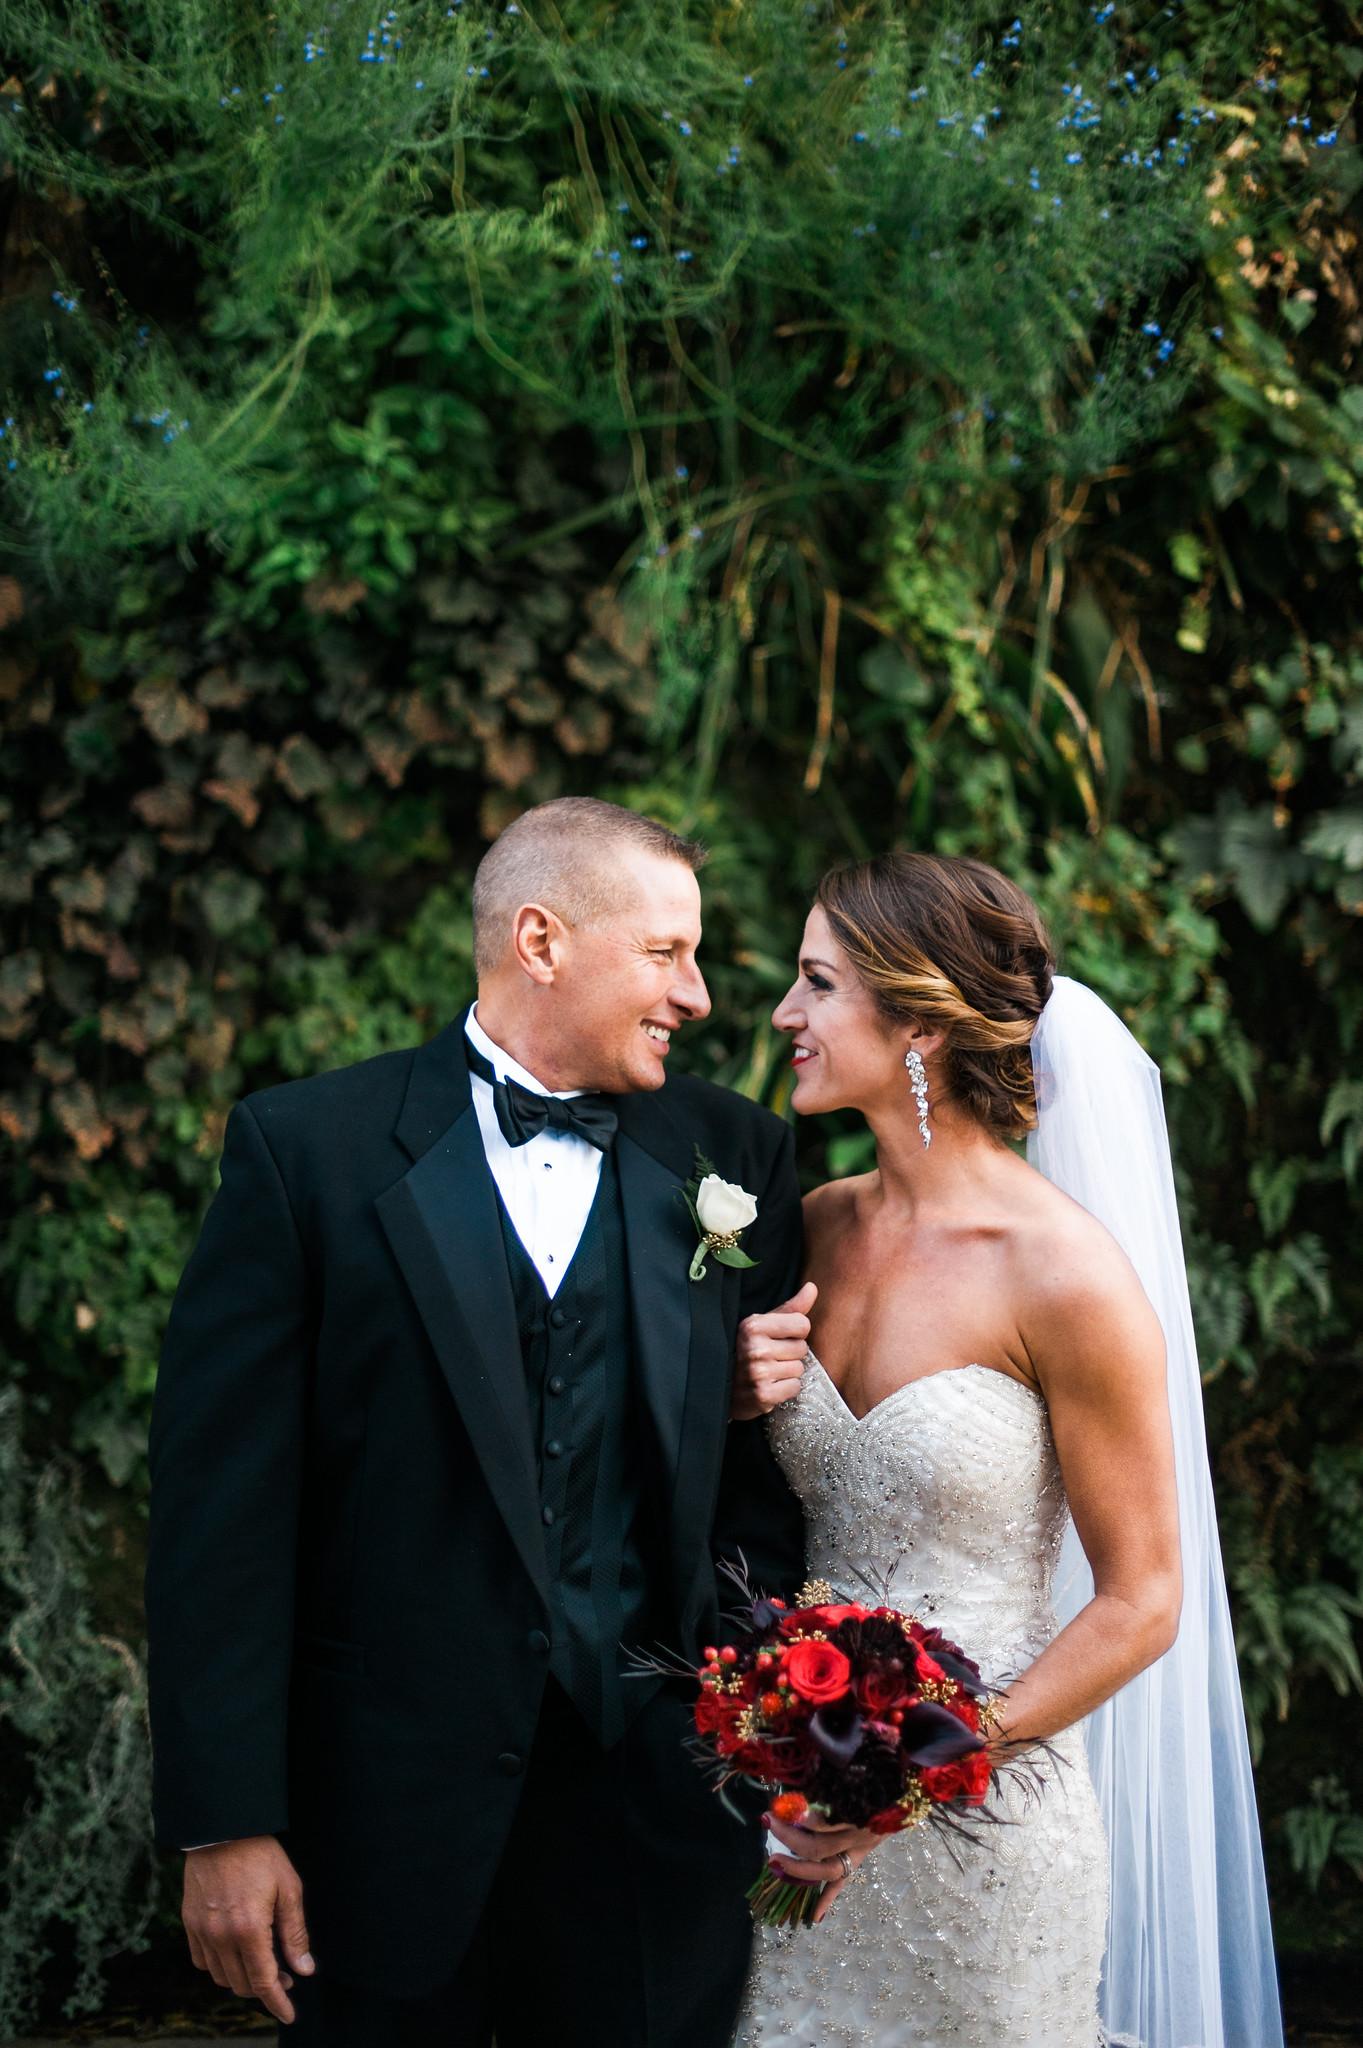 hoke-wedding-255-X4.jpg